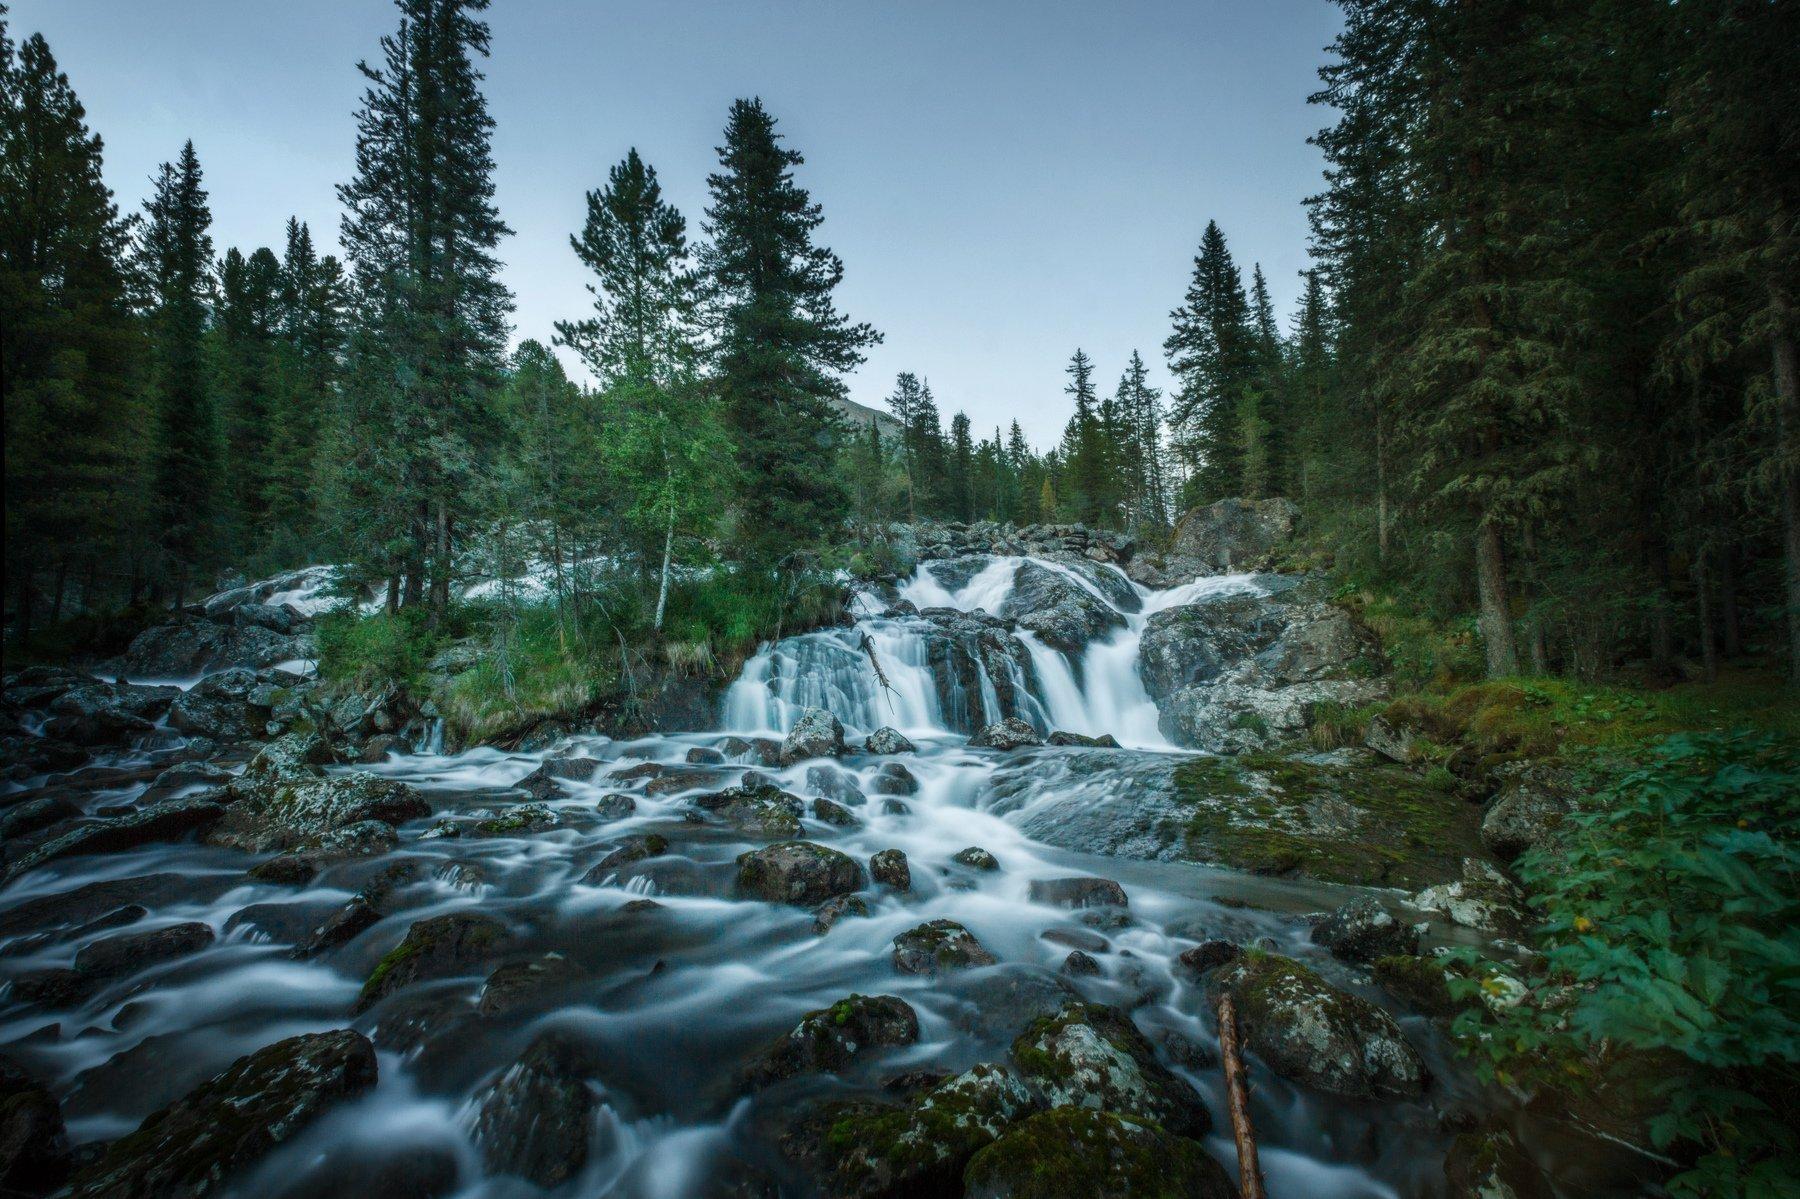 горы, облака, природа, алтай, рассвет, река, путешествие, россия, озеро, Шевченко Николай